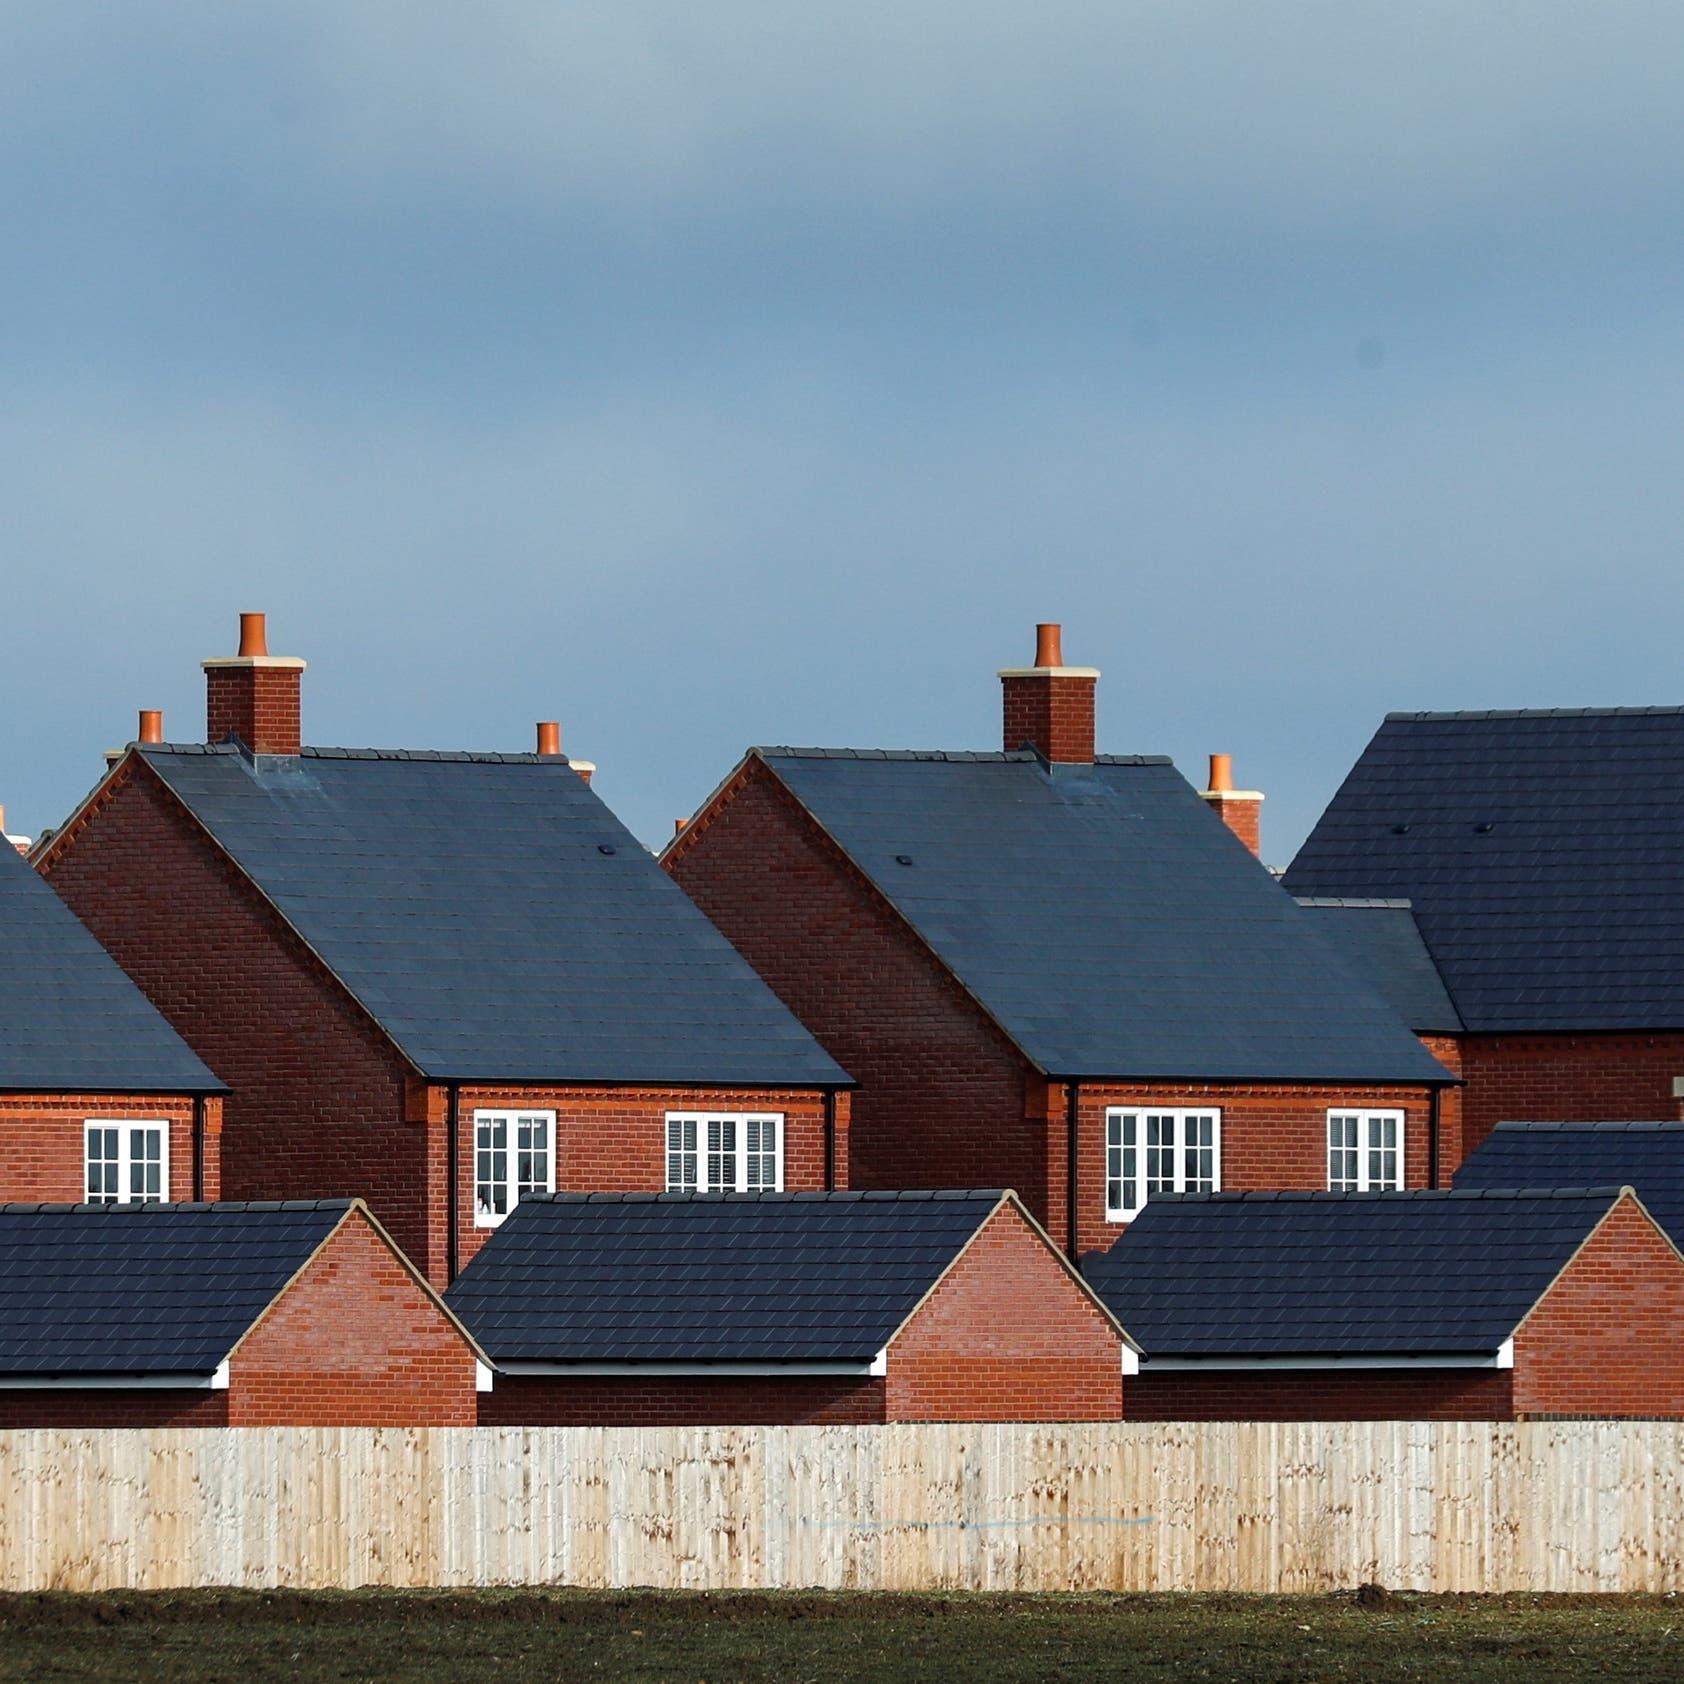 أسعار المنازل في بريطانيا تسجل أعلى مستوياتها للشهر الرابع